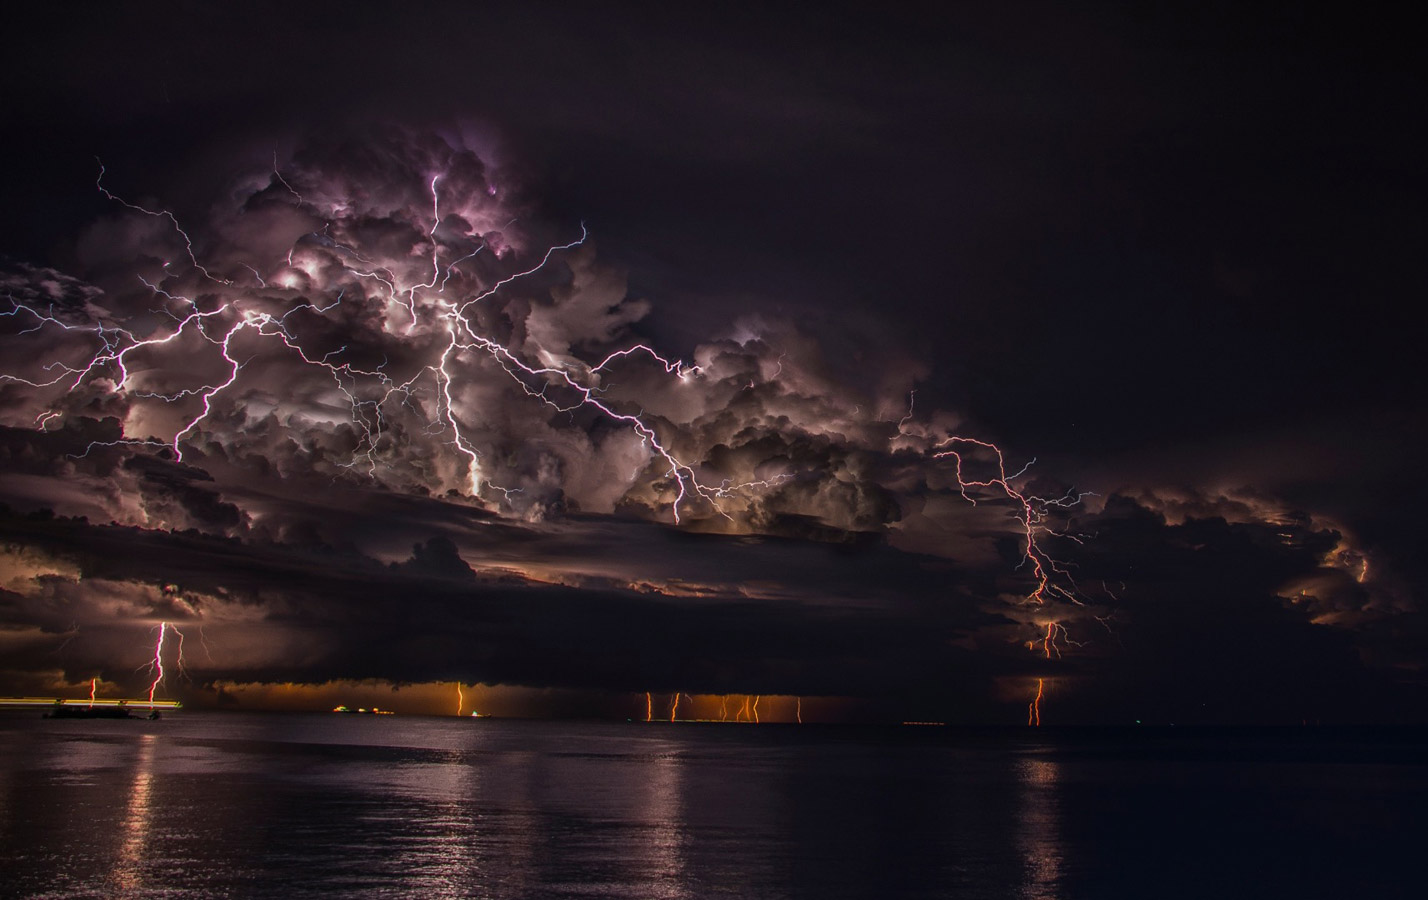 Алекс Поннях / Alex Ponniah, Фотоконкурс RMetS / RPS Weather